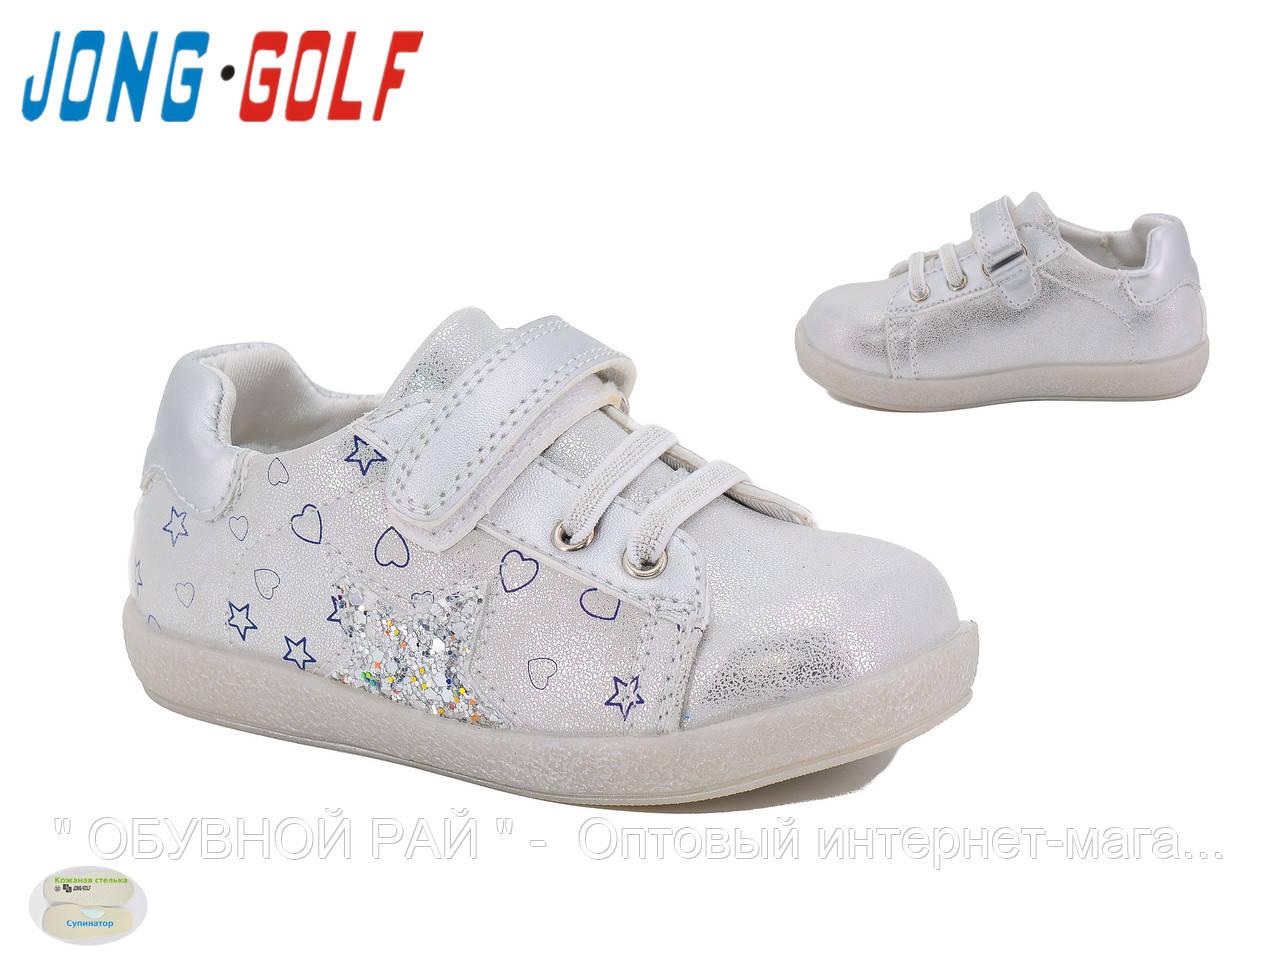 6ec7f5814 Детская обувь оптом. Детские кроссовки для девочек от ТМ. Jong Golf (рр.